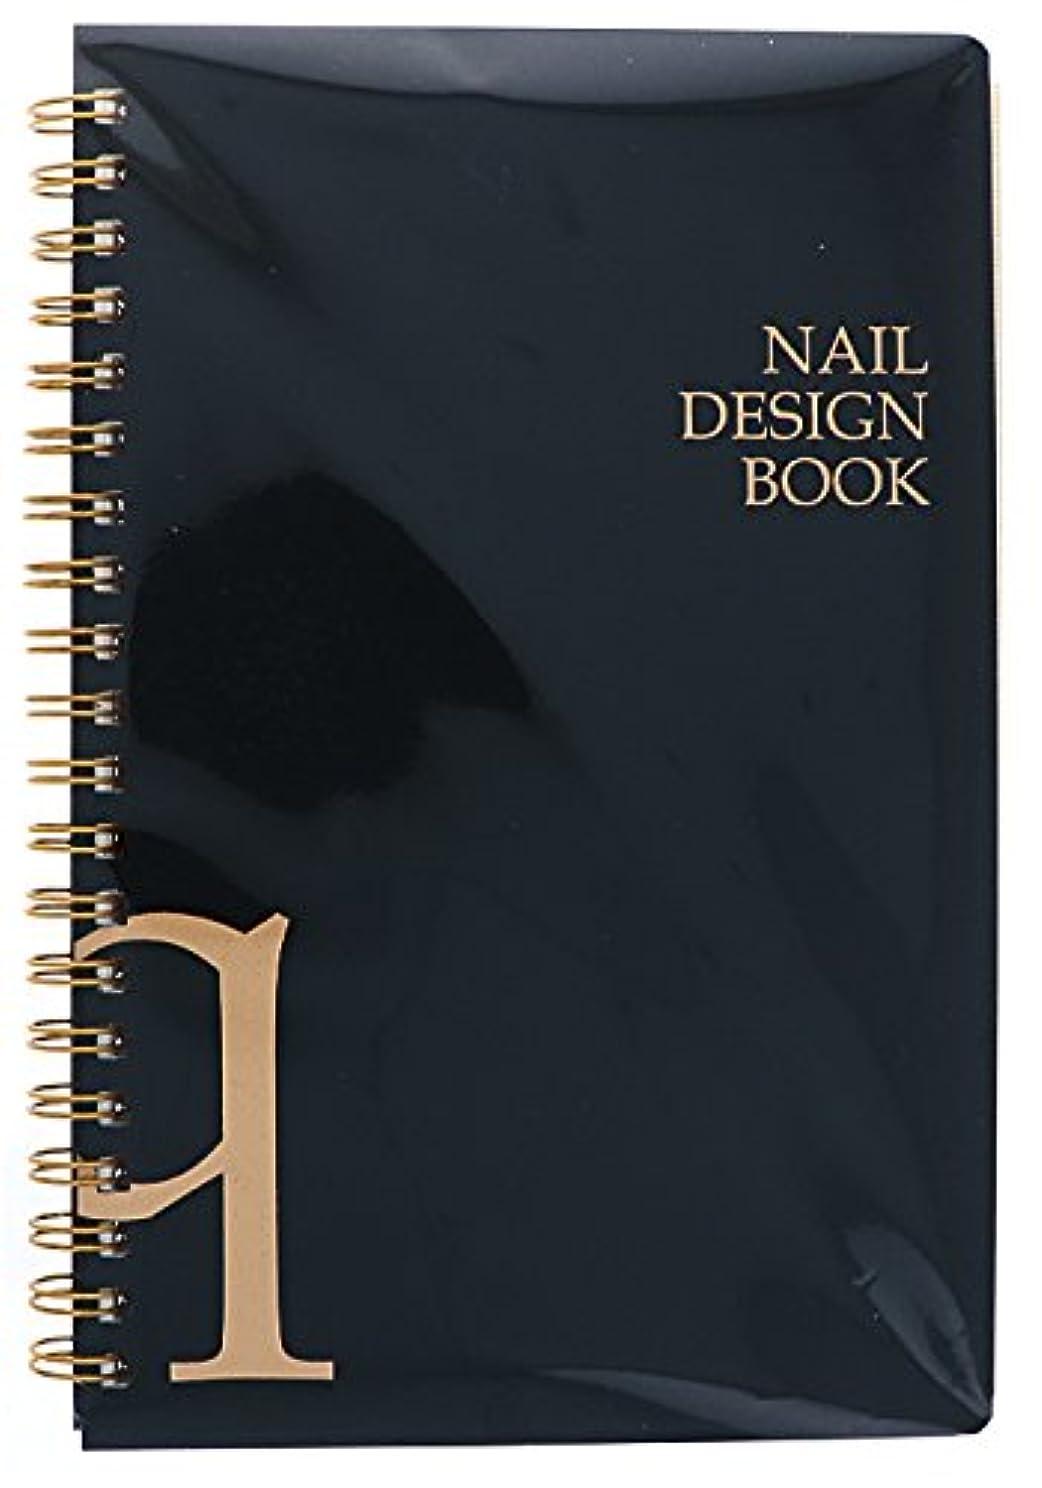 完了病などちらかビューティーネイラー 445 design nail book QQC-7